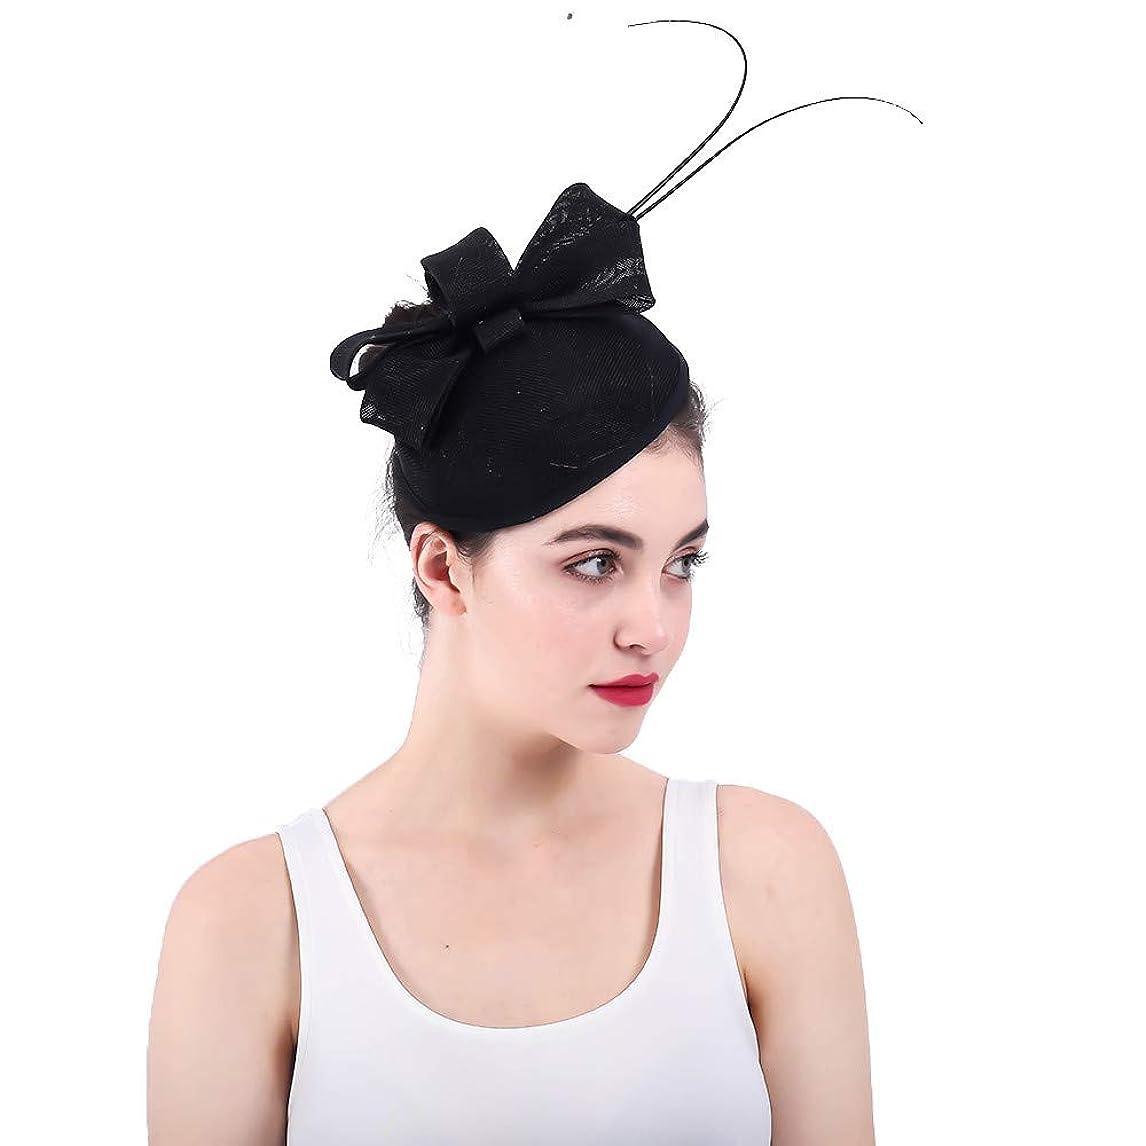 緊張する自宅で取り替える女性の魅力的な帽子 女性のエレガントな魅惑的な結婚式のヘアピンヘッドドレスフラワーレディカクテルティーパーティー帽子ロイヤルアスコットピルボックスダービーキャップ